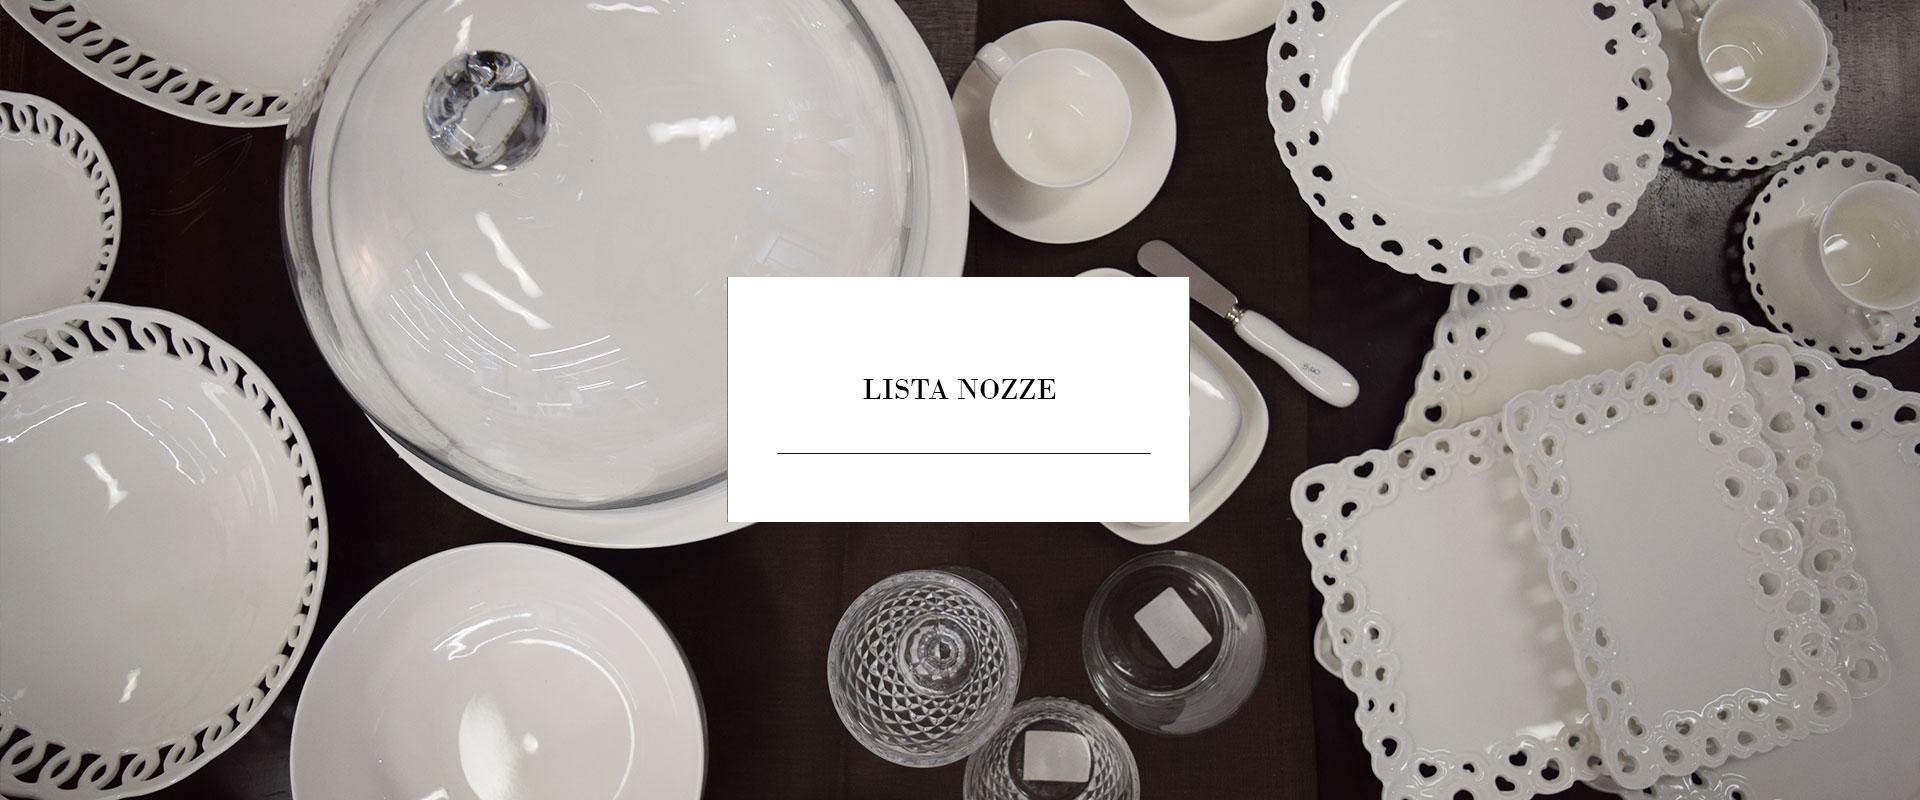 lista_nozze_velletri_crea_design_roma_sud